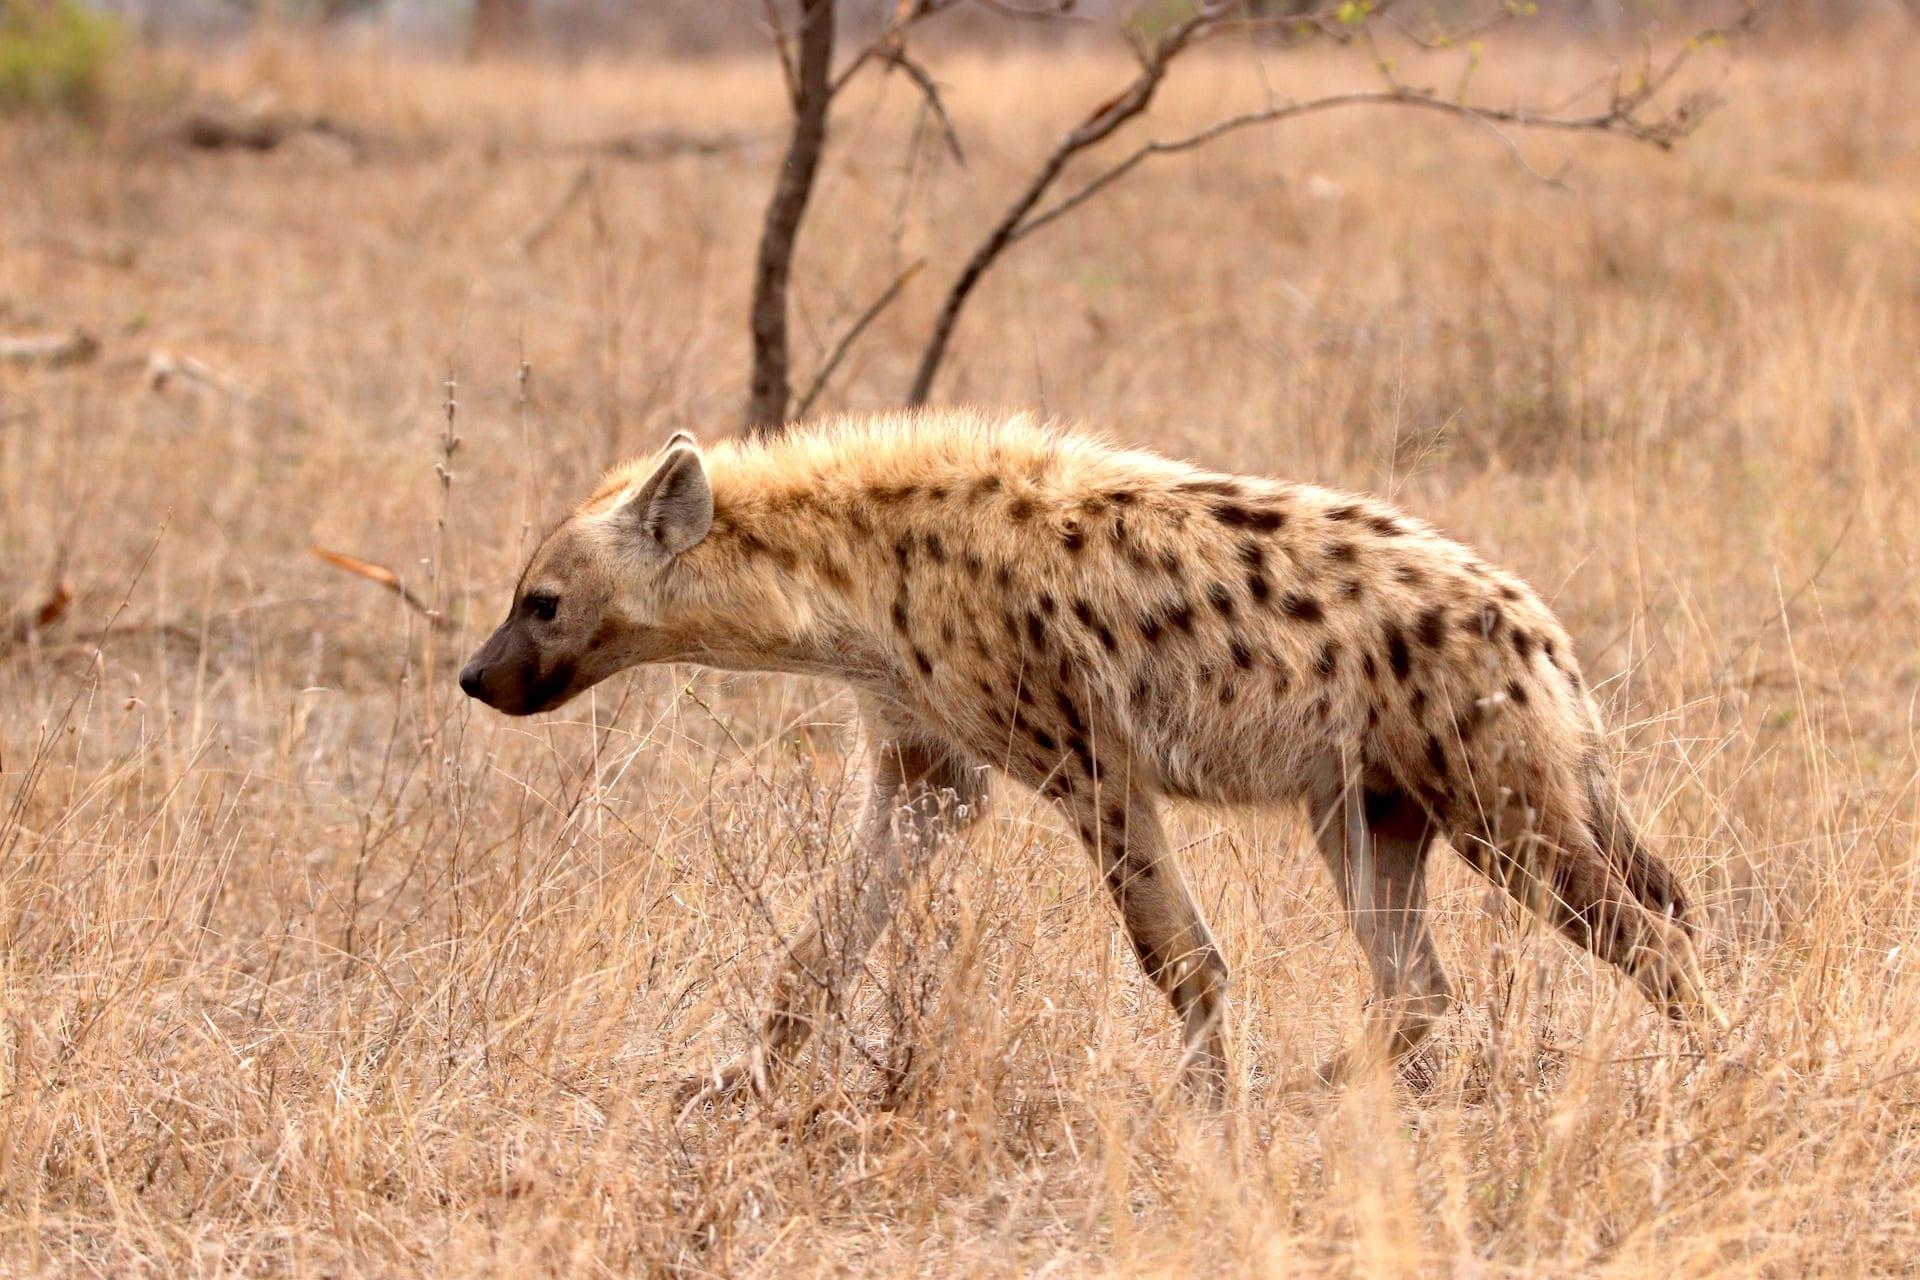 # FOTO - ZA 1 - ZA - Klaserie - hyena NOV 2019